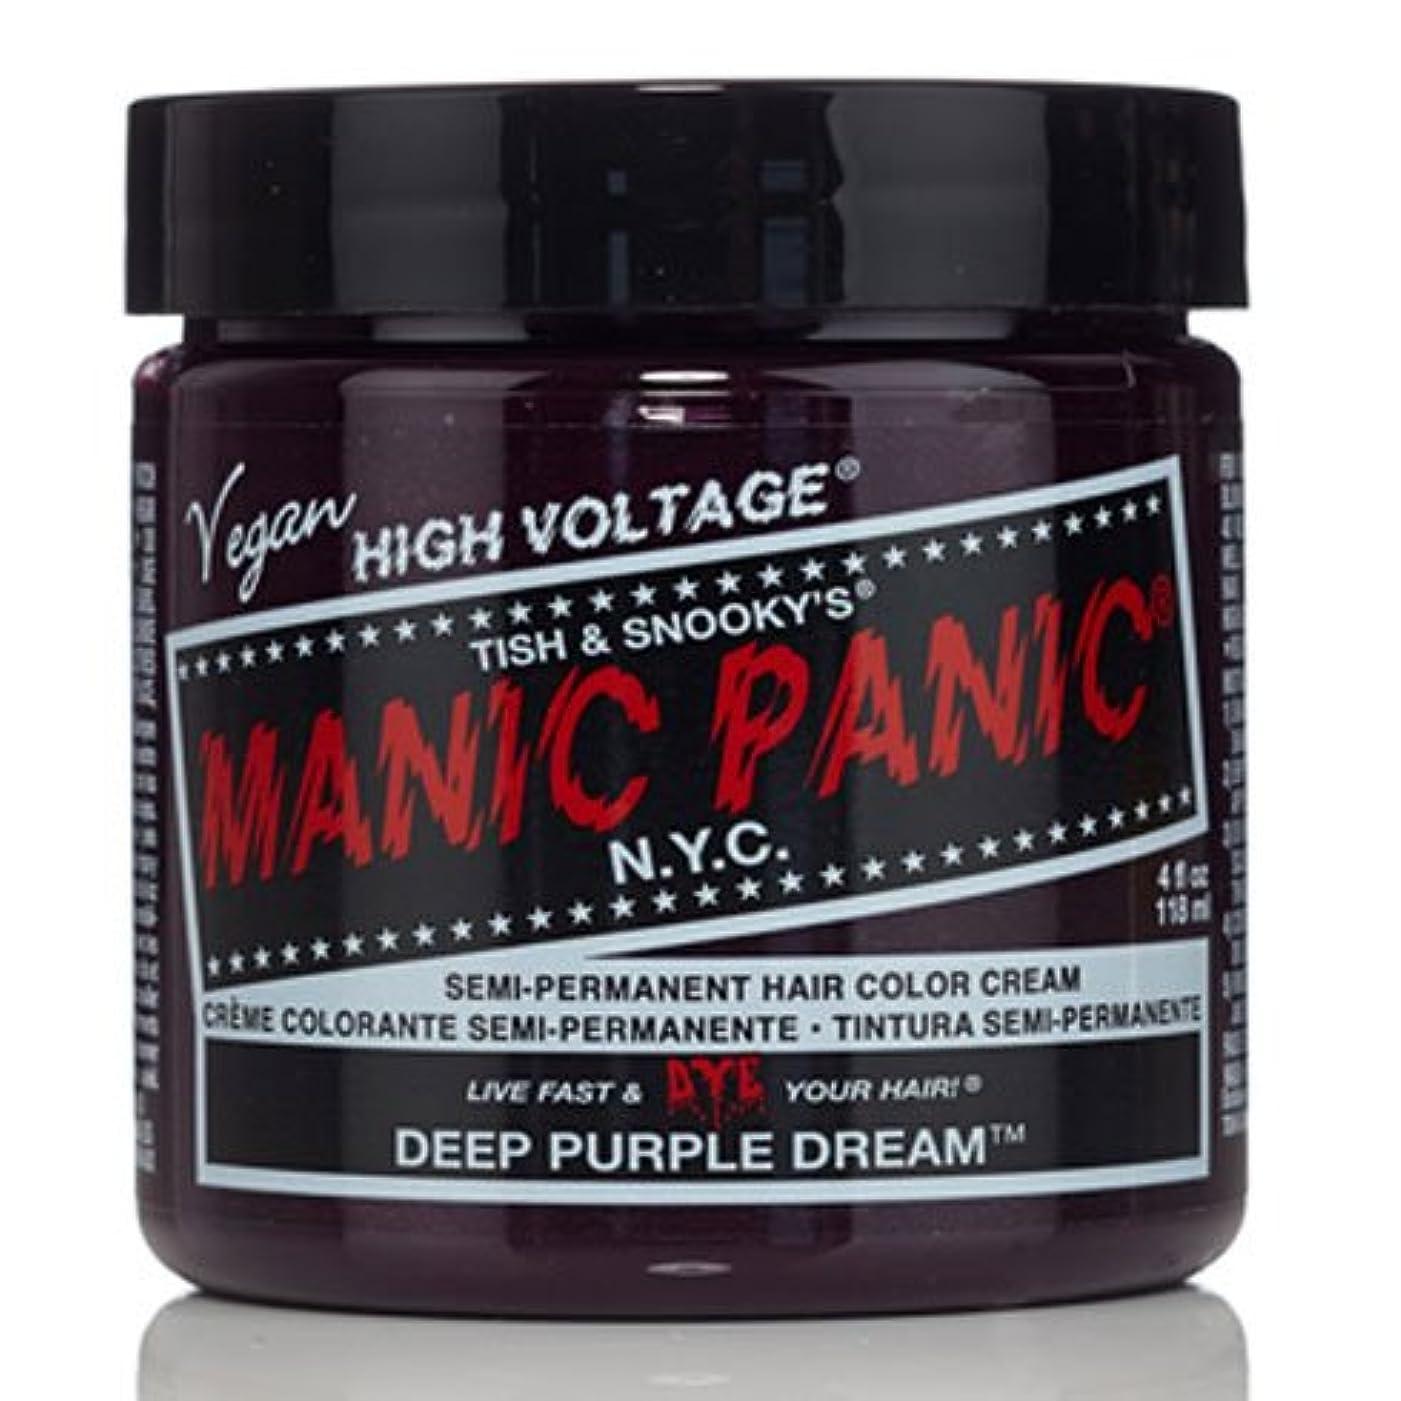 はさみ製作取るスペシャルセットMANIC PANICマニックパニック:DEEP PURPLE DREAM (ディープパープルドリーム)+ヘアカラーケア4点セット